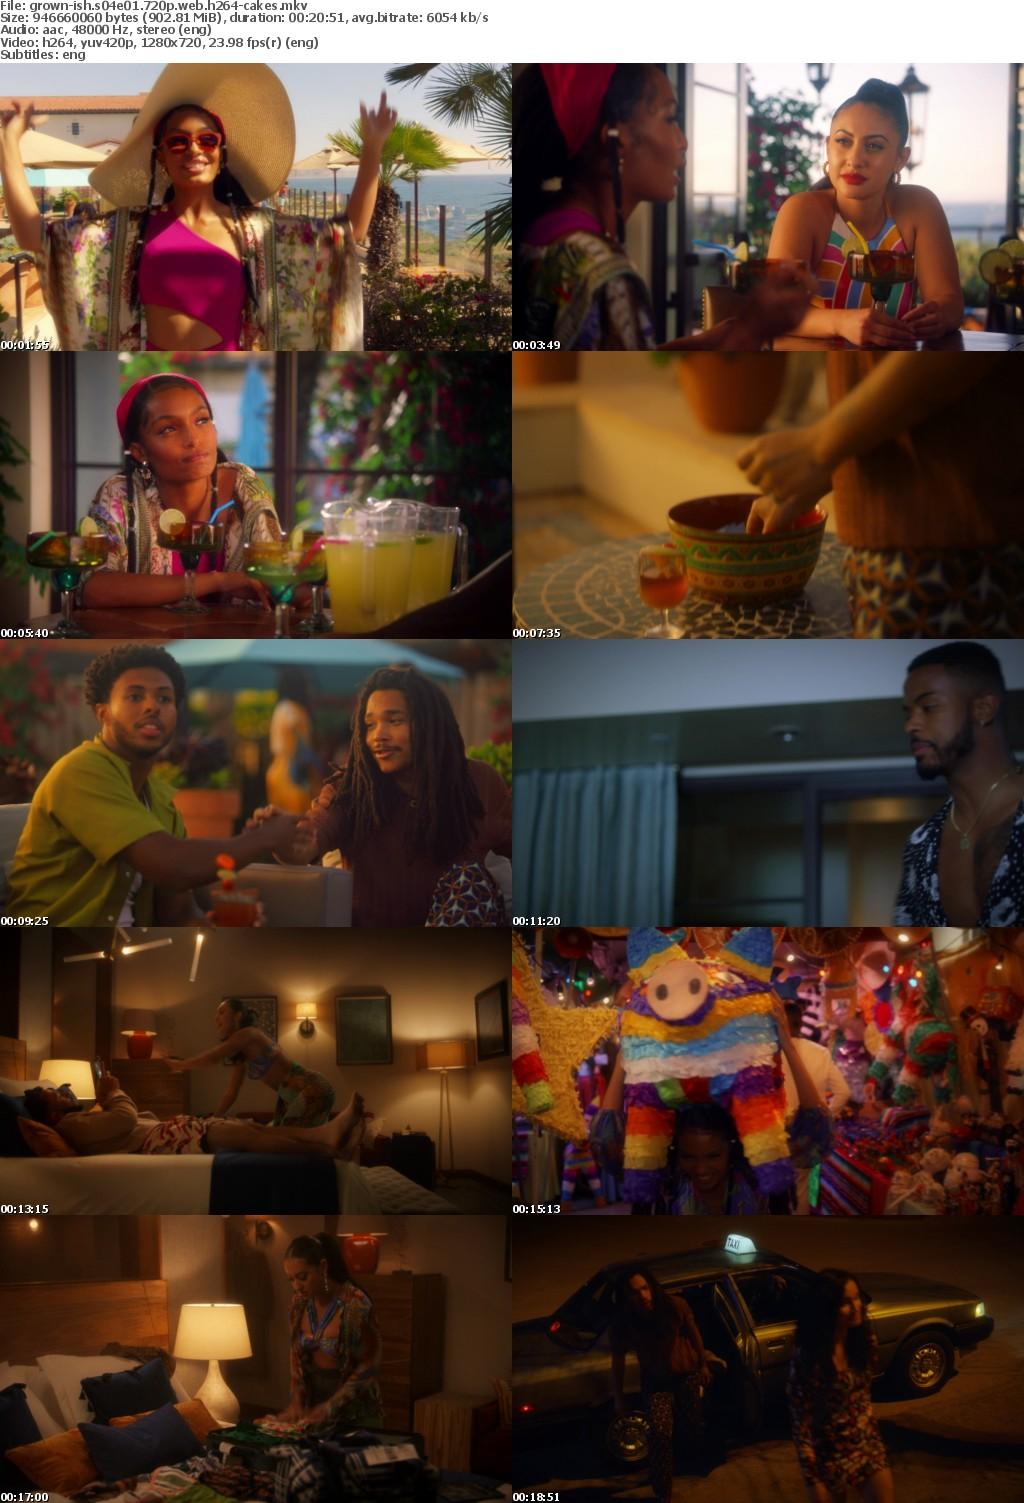 Grown-ish S04E01 720p WEB H264-CAKES